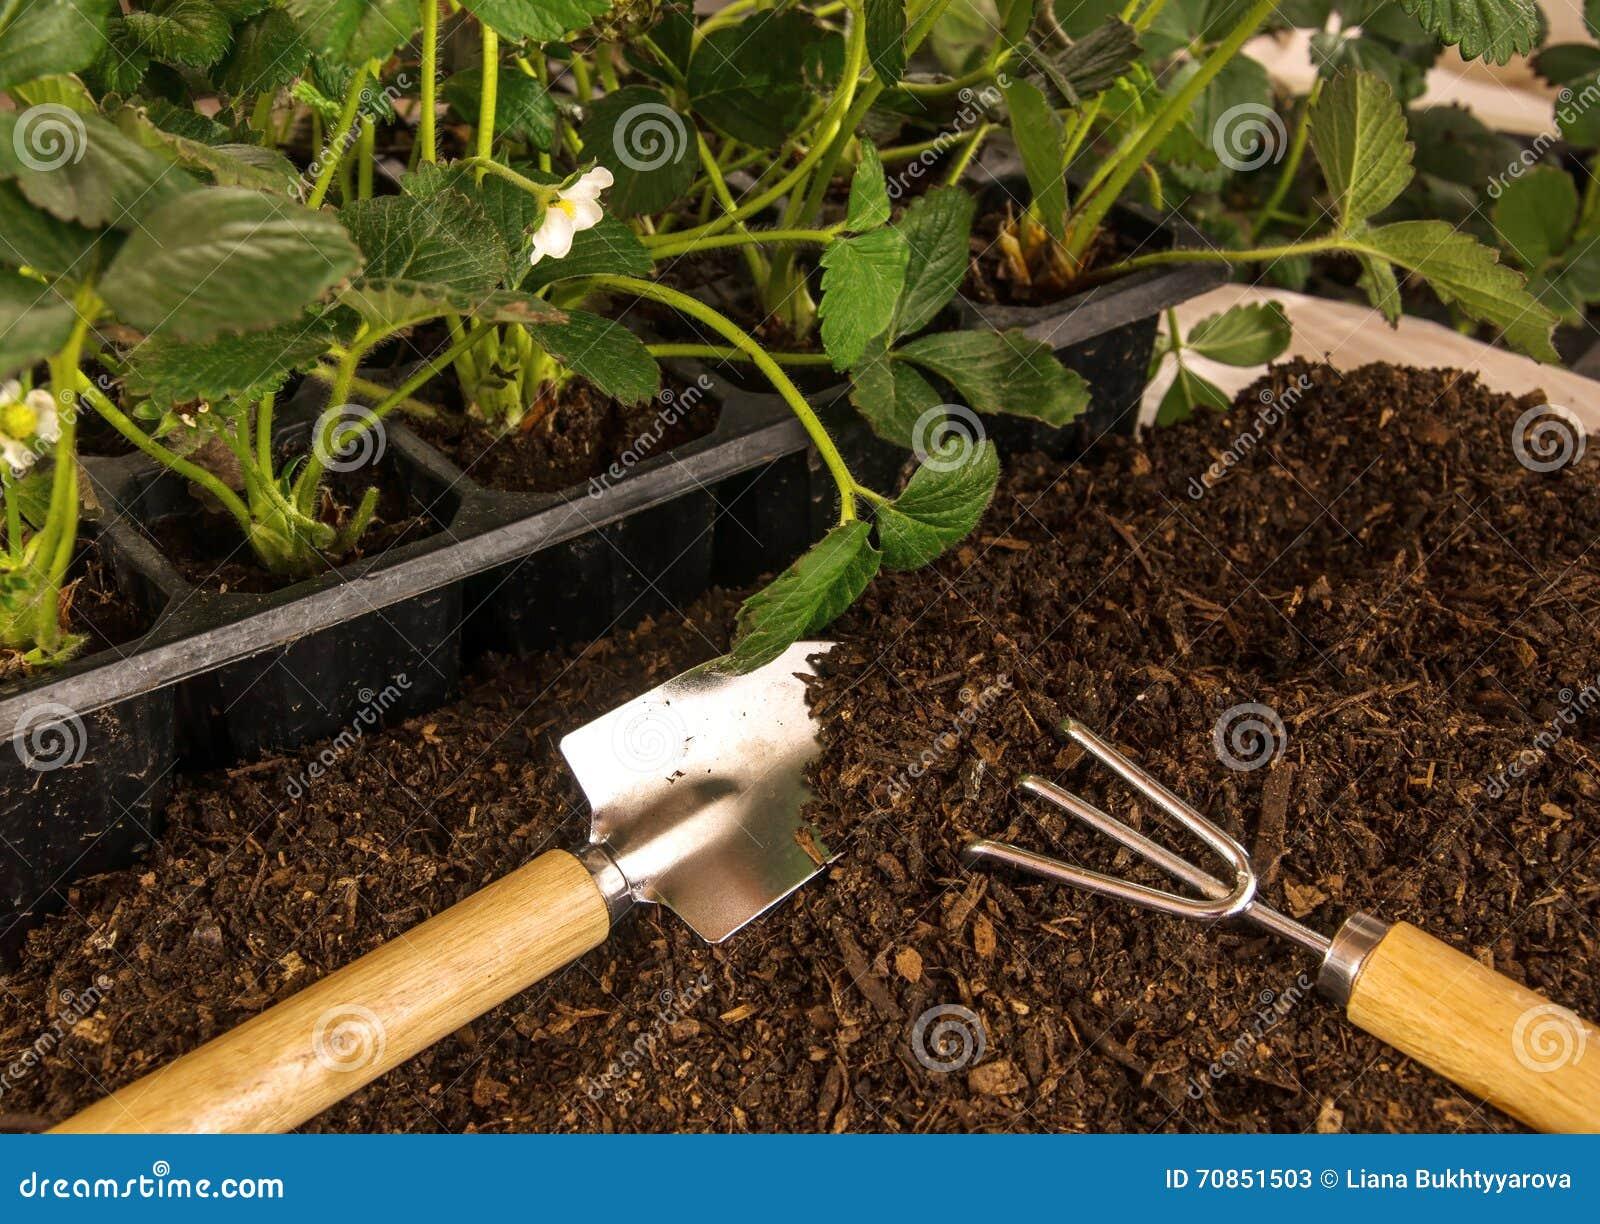 plantation de la fraise buissons des outils de fraise de sol et de jardin image stock image. Black Bedroom Furniture Sets. Home Design Ideas